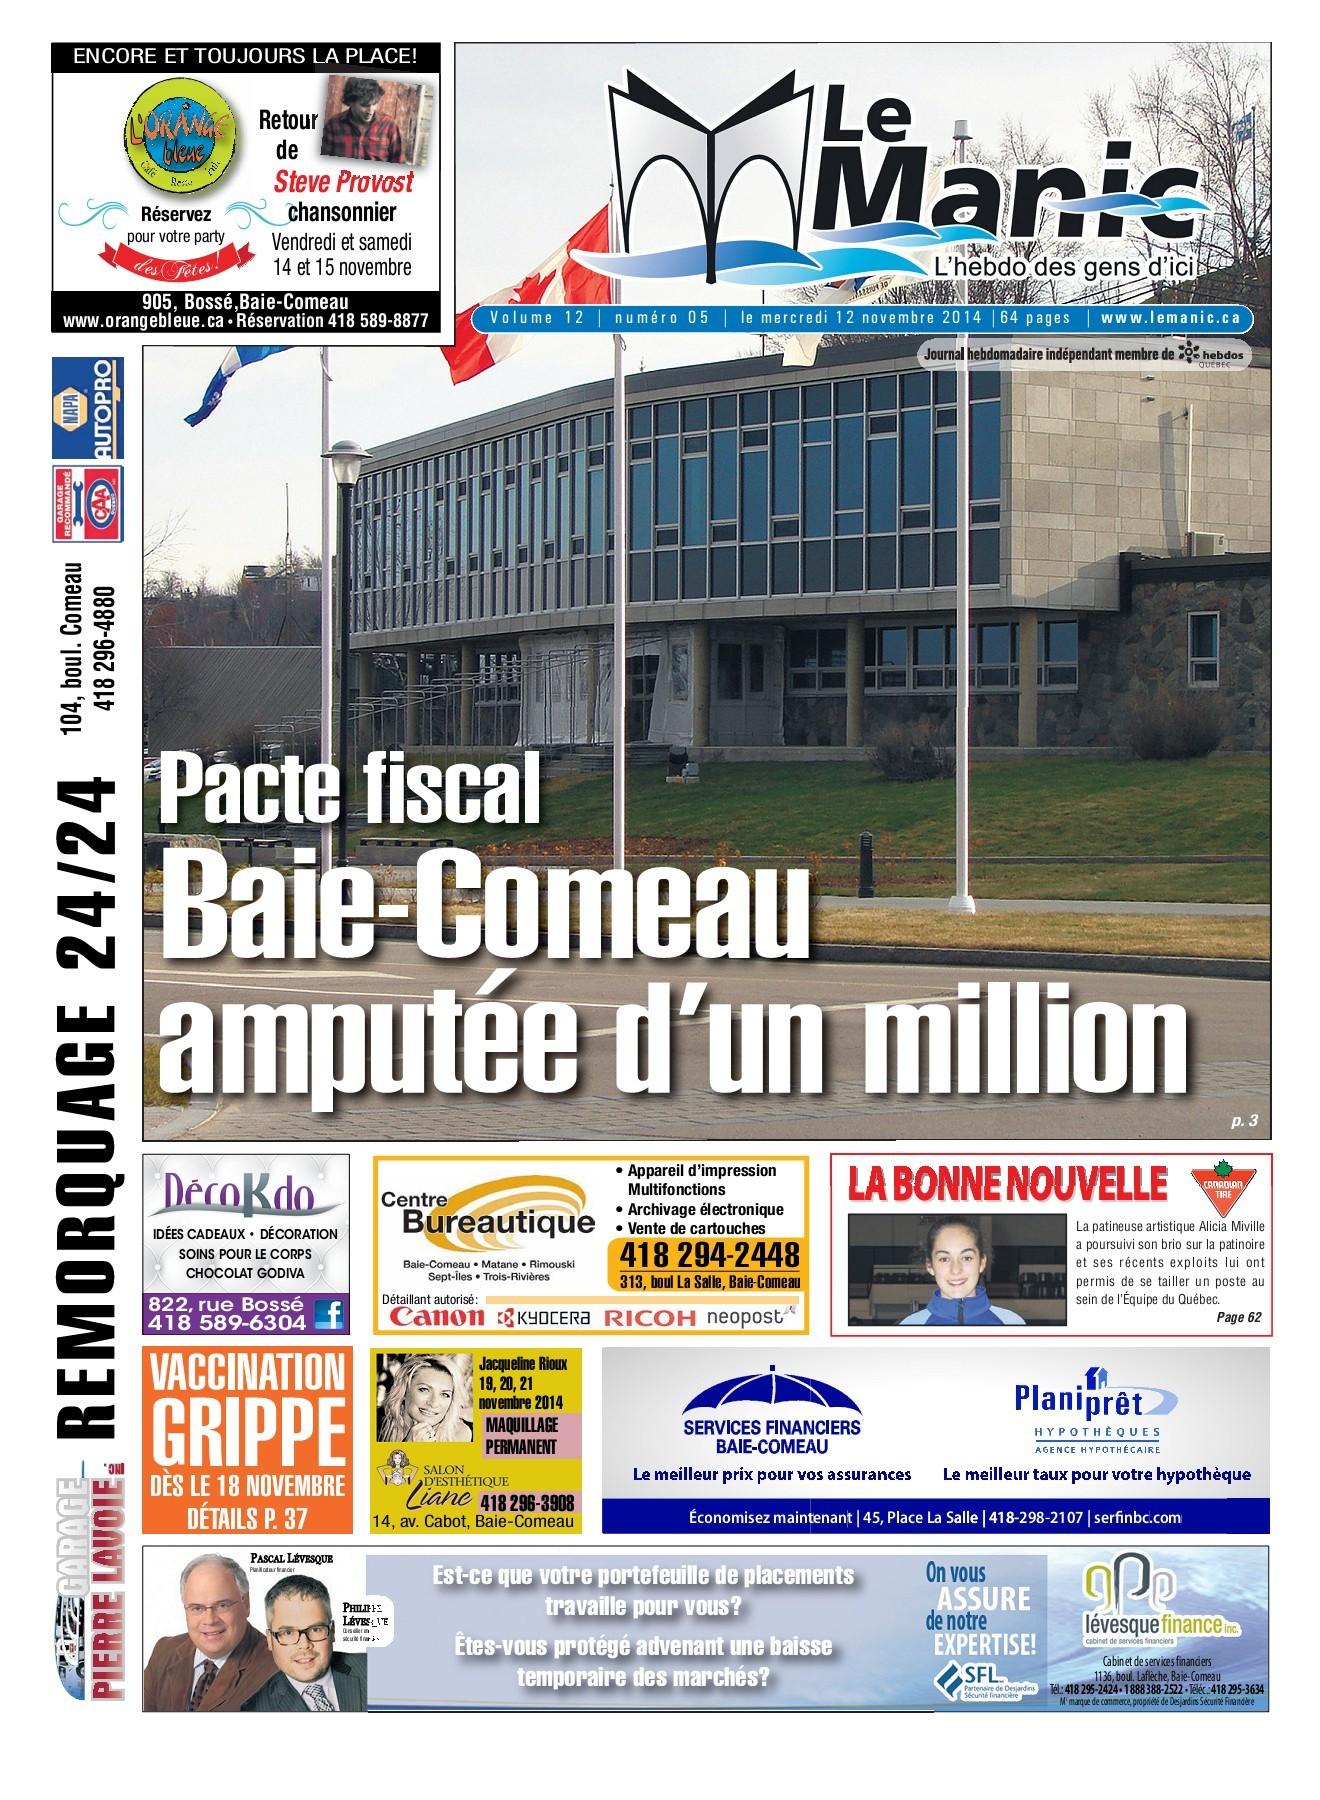 E Leclerc Livraison Unique Le Manic 12 Novembre 2014 Pages 1 50 Text Version Of 28 Beau E Leclerc Livraison